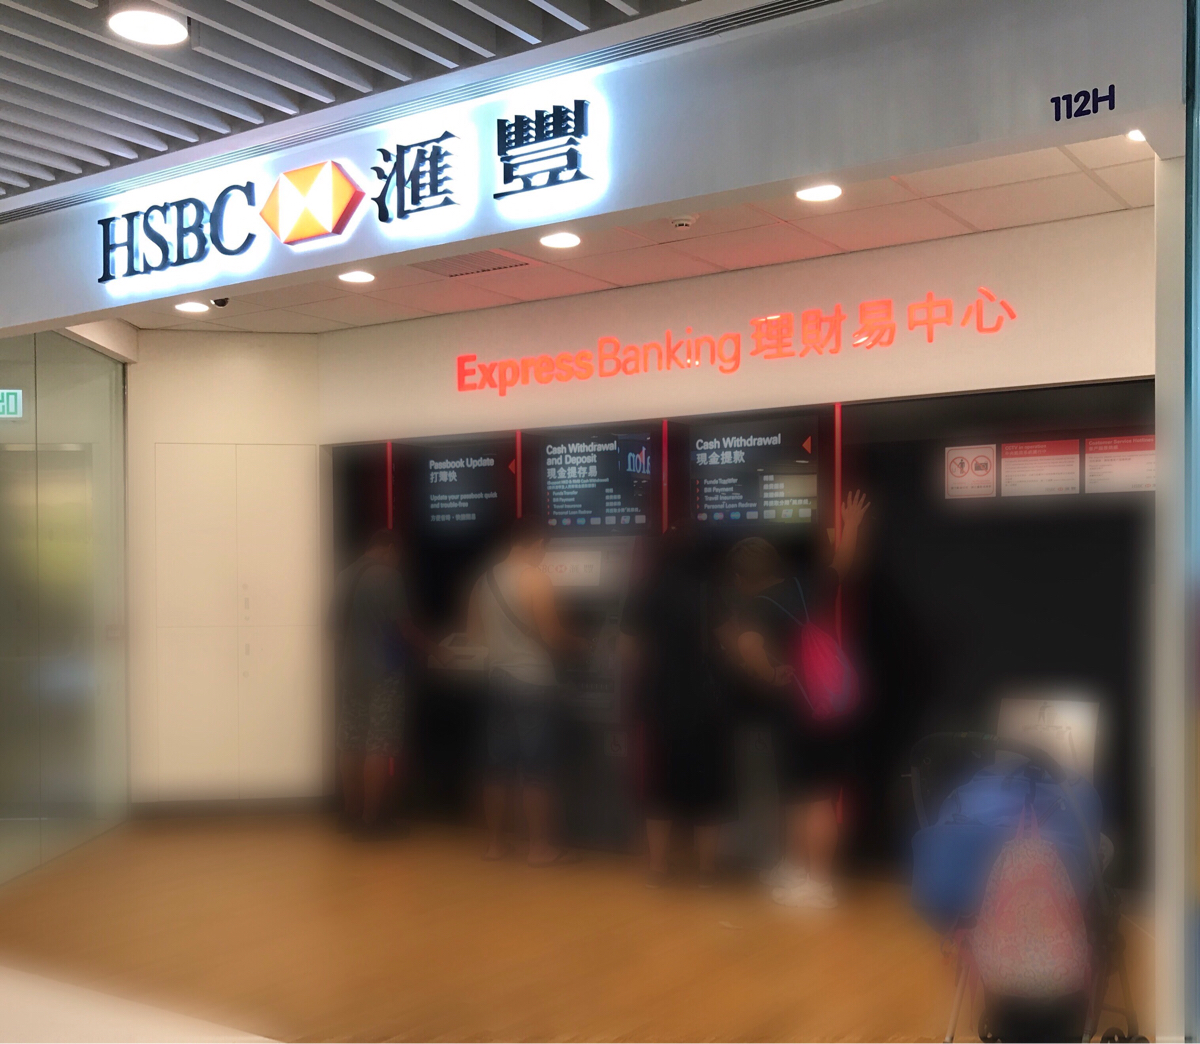 「西九龍駅」の工事中の様子を探索 写真11枚で紹介 廣深港高速鐵路の始発駅 香港から中国広州に最速48分で行ける